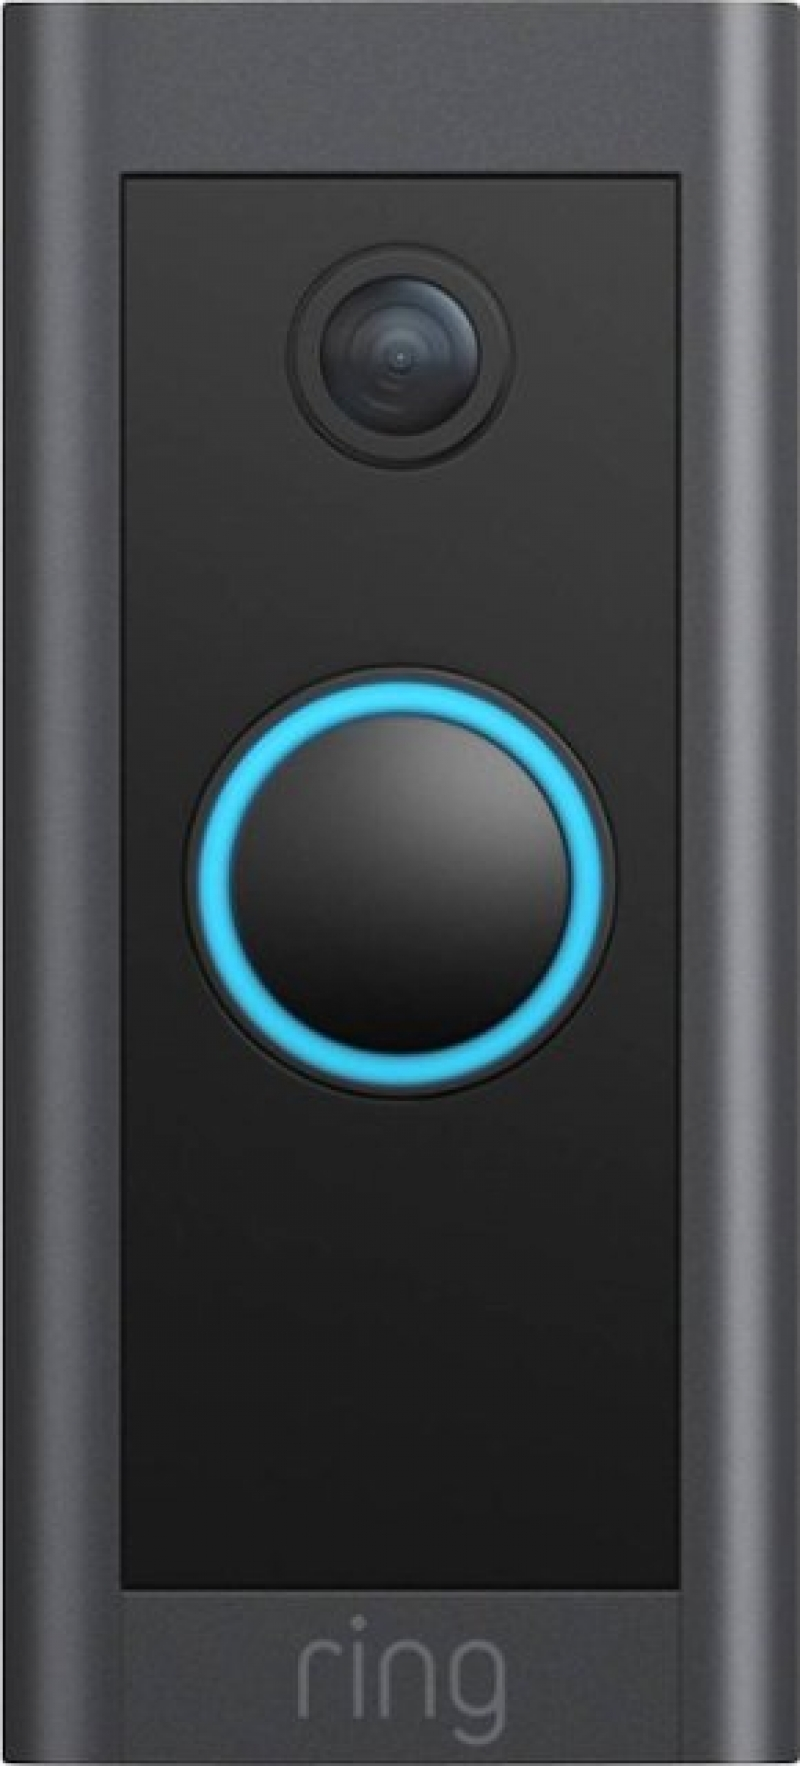 ihocon: Ring - Wi-Fi Video Doorbell 智能視訊門鈴